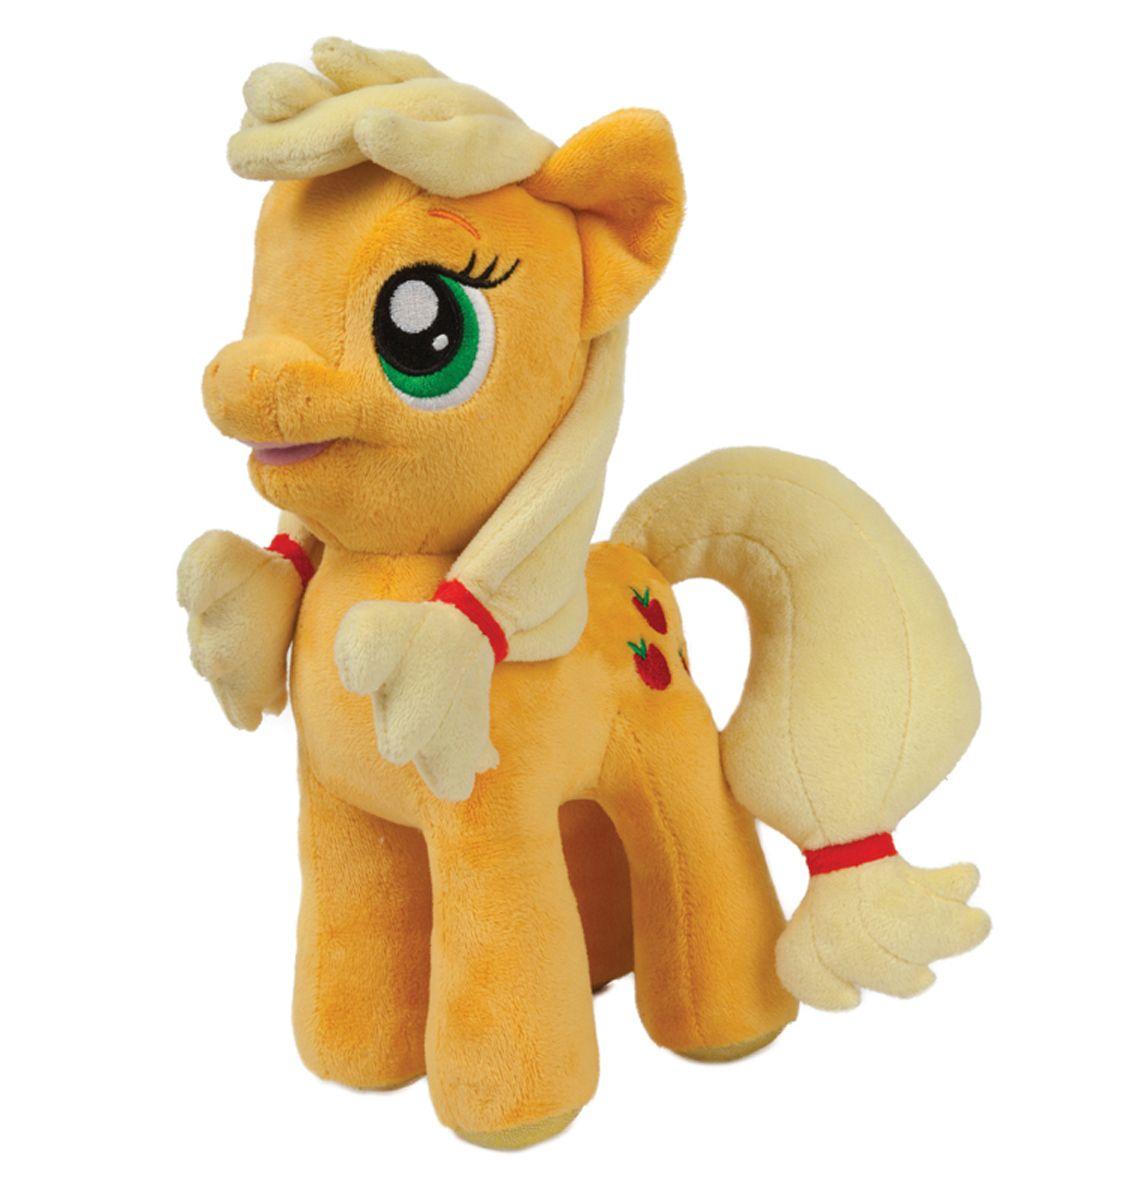 Мульти-Пульти Мягкая игрушка Пони ЭпплджекV27480/23Мягкая игрушка сама по себе ассоциируется с радостью и весельем, конечно, и для наших детей такой подарок станет поистине незабываемым. Забавные, добрые мягкие игрушки радуют детей с самого рождения. Ведь уже в первые месяцы жизни ребенок проявляет интерес к плюшевым зверятам и необычным персонажам. Сначала они помогают ему познавать окружающий мир через тактильные ощущения, знакомят его с животным миром нашей планеты, формируют цветовосприятие и способствуют концентрации внимания.